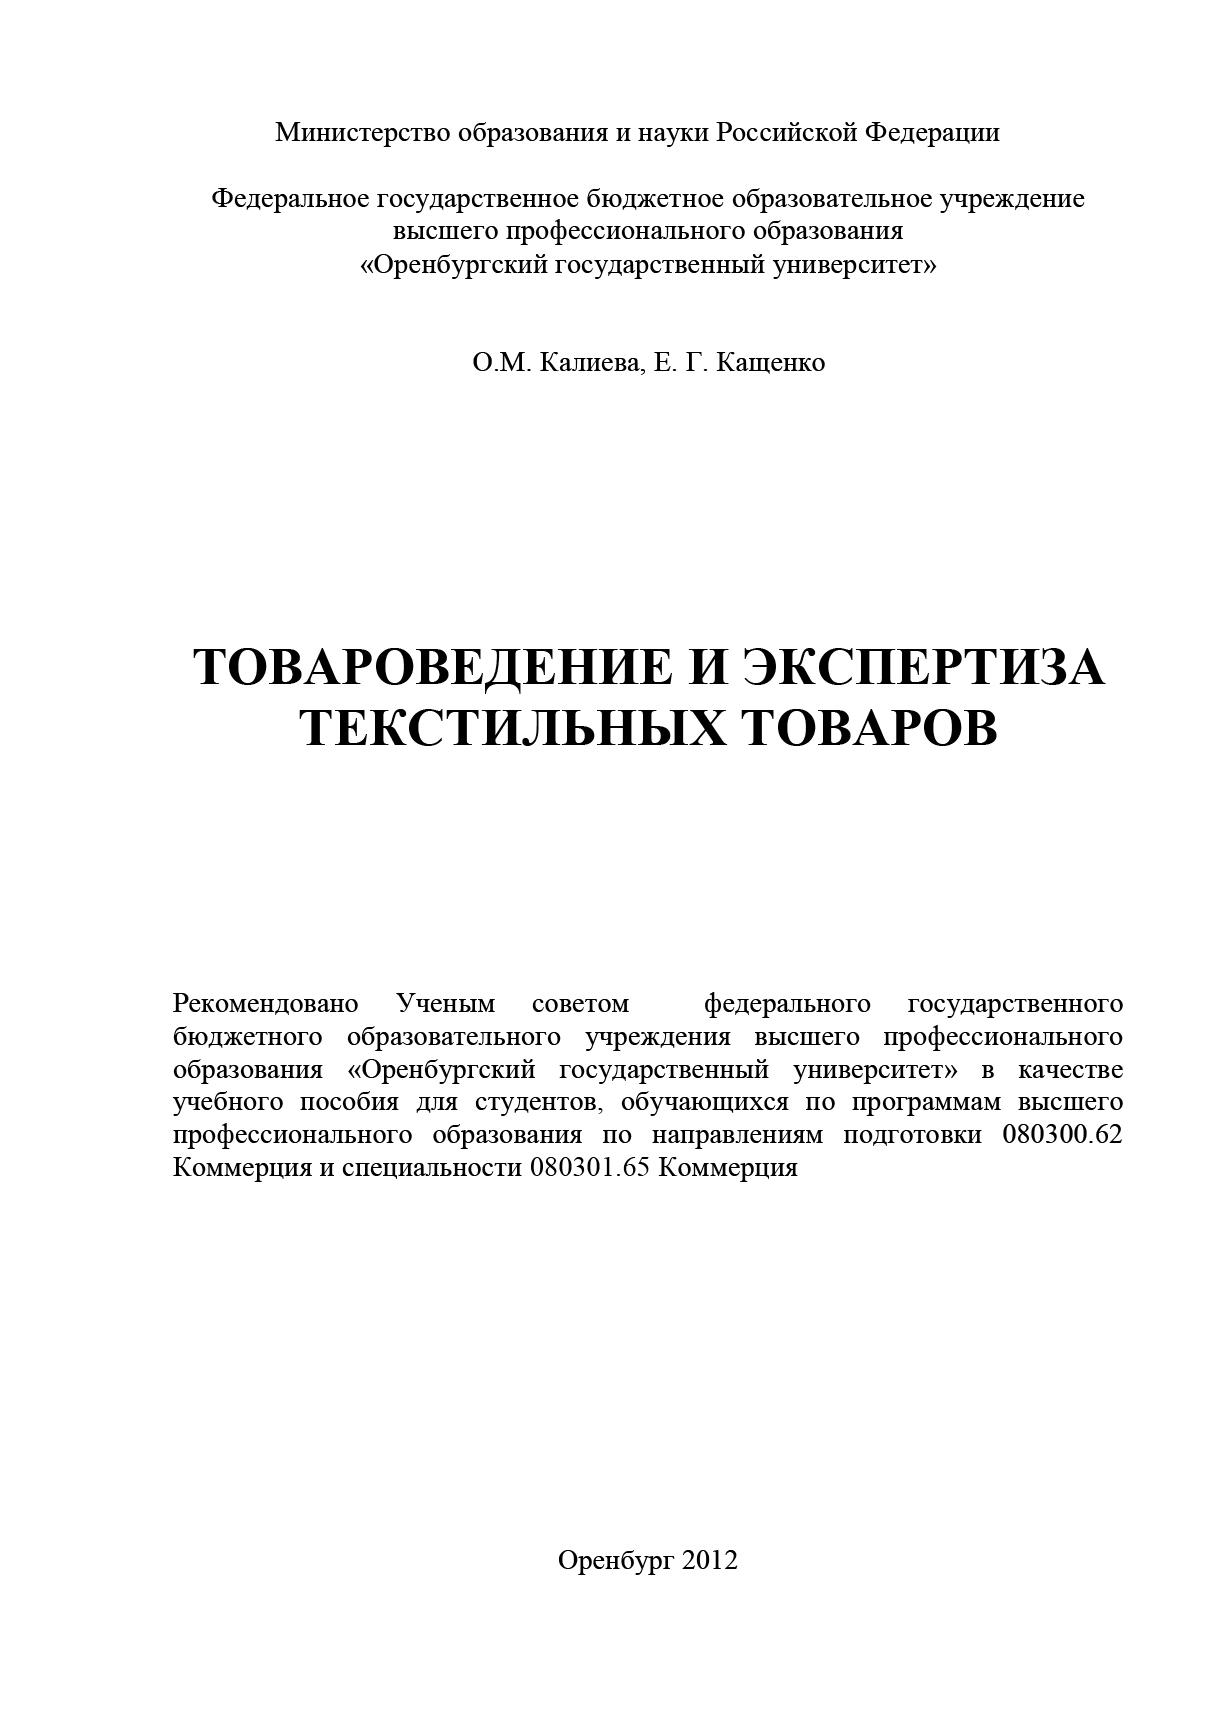 О. М. Калиева Товароведение и экспертиза текстильных товаров